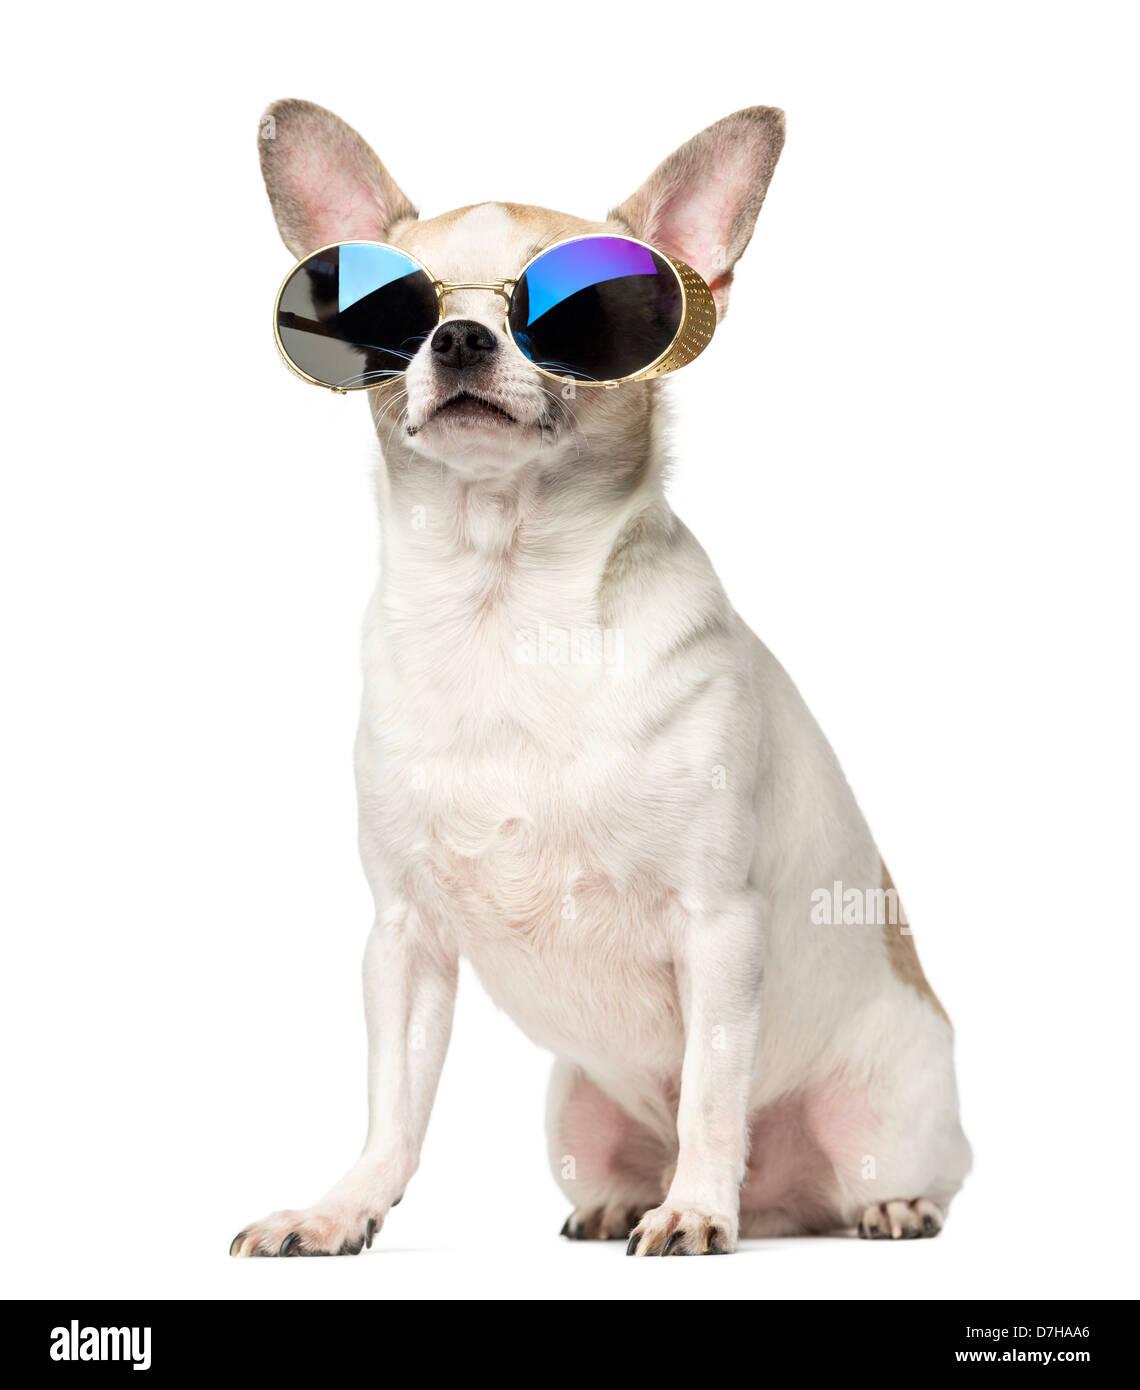 Chihuahua, 2 ans, assis et portant des lunettes de soleil contre fond blanc Photo Stock